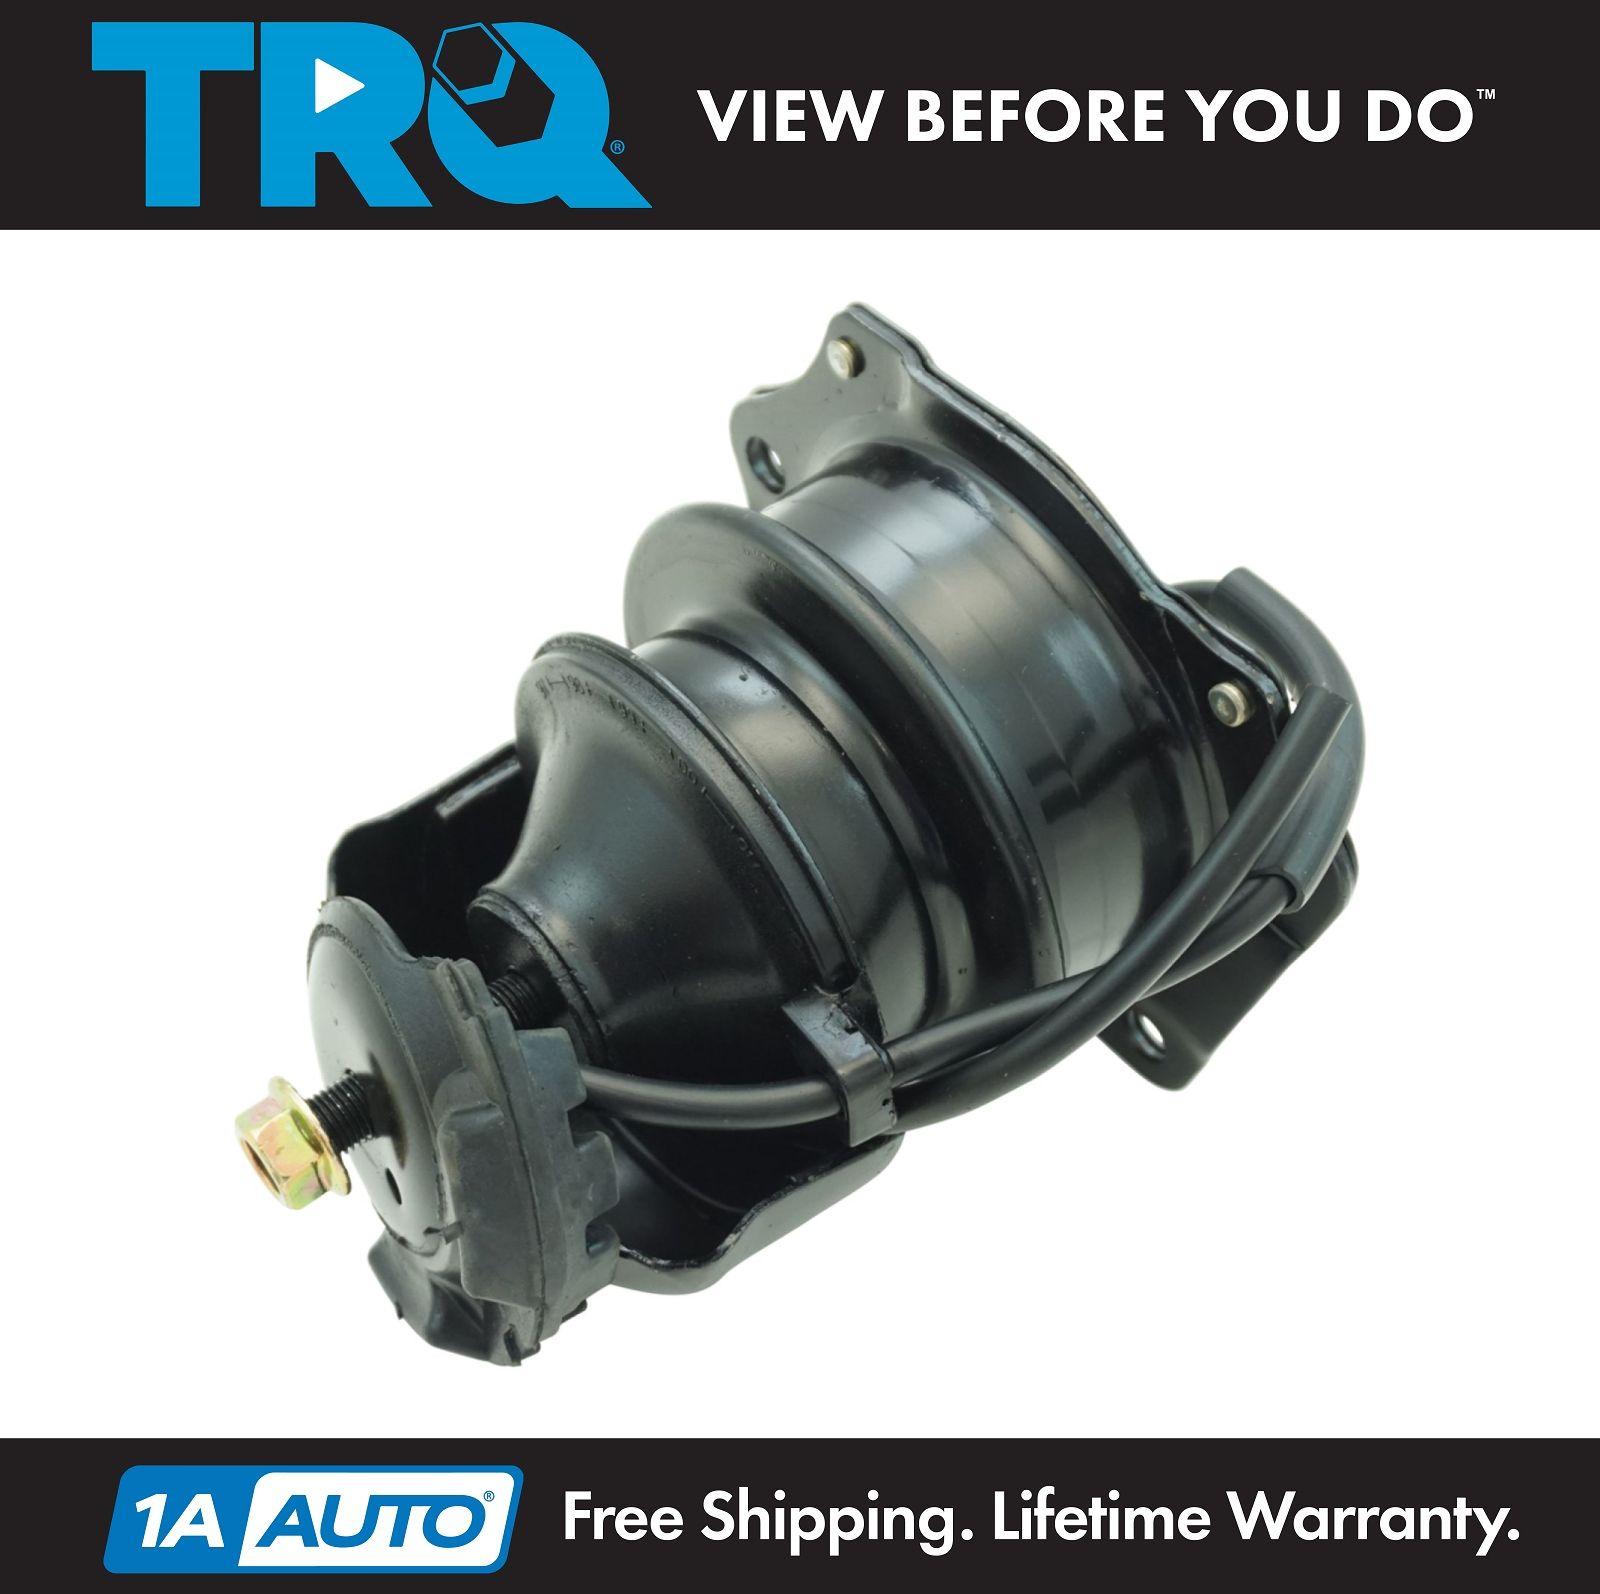 New Rear Engine Motor Mount Hydraulic For 98-02 Honda Accord 2.3L 6564